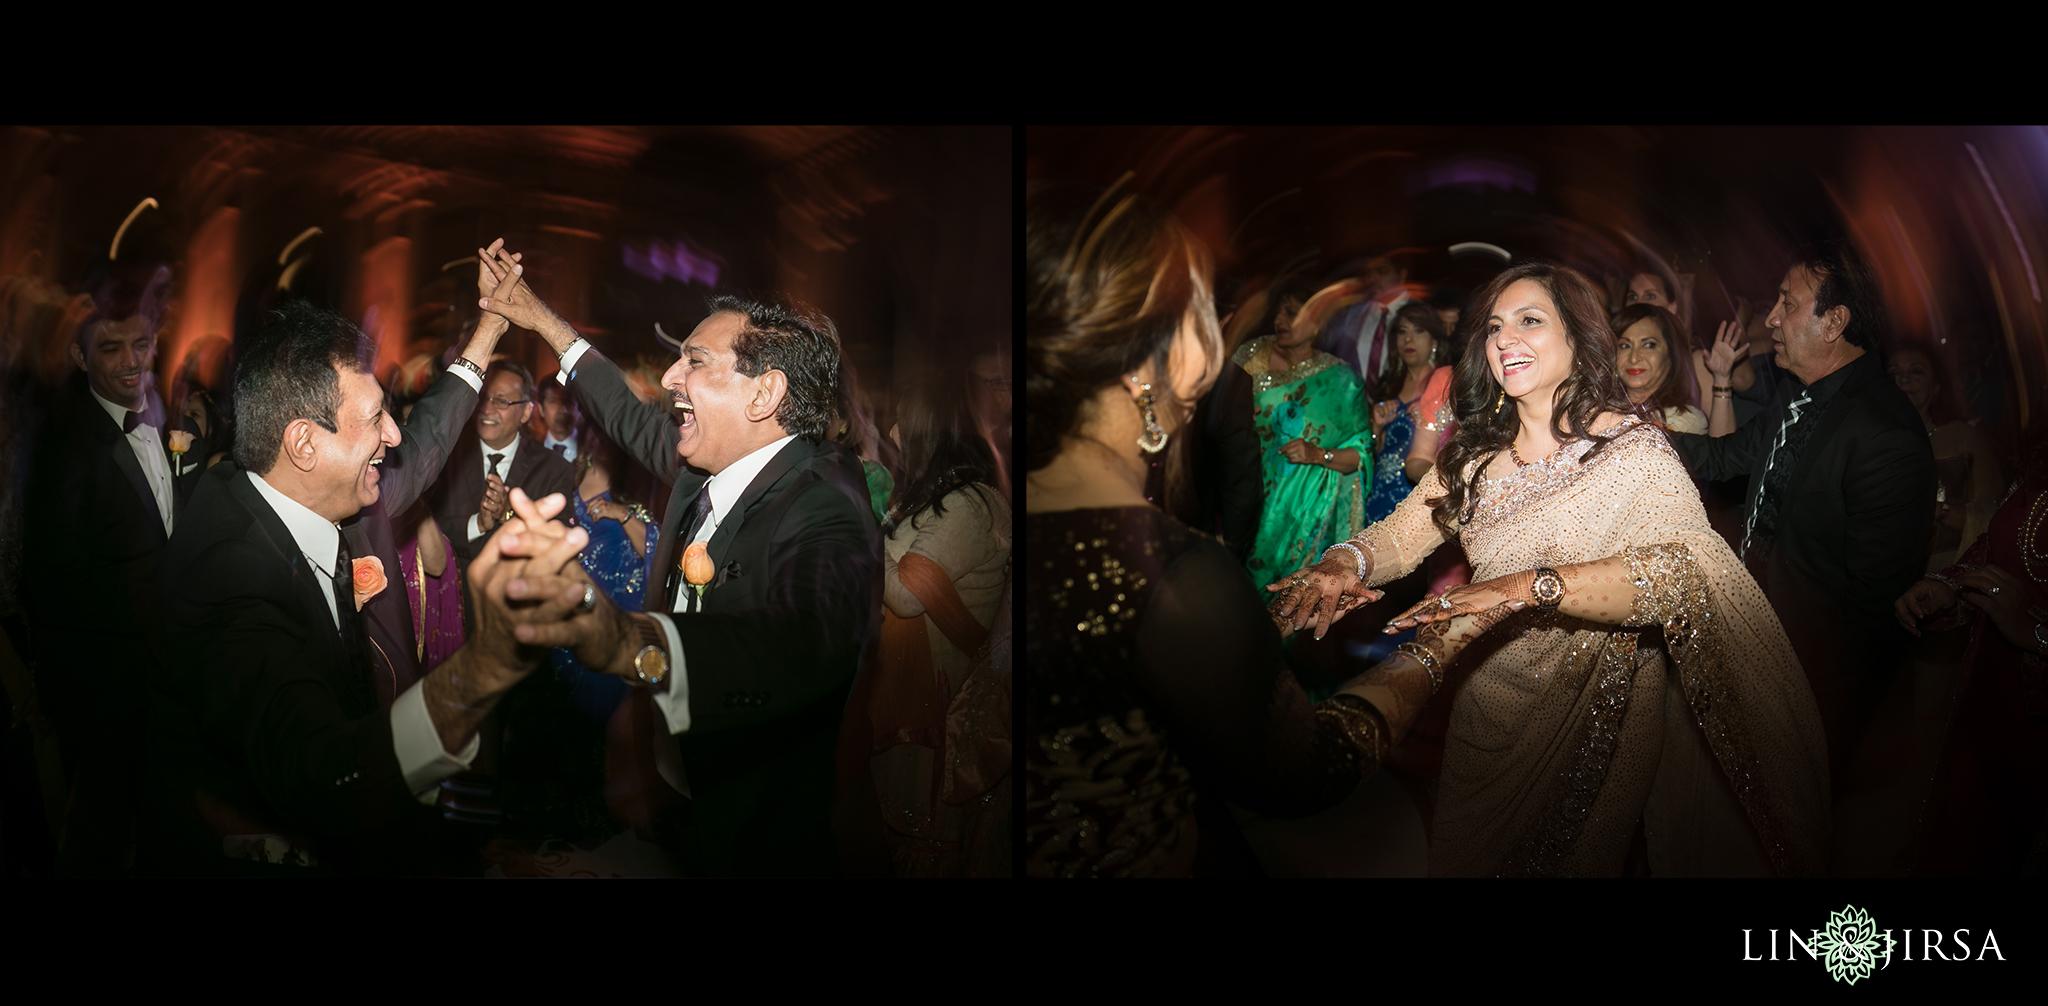 26-biltmore-hotel-los-angeles-wedding-reception-photography